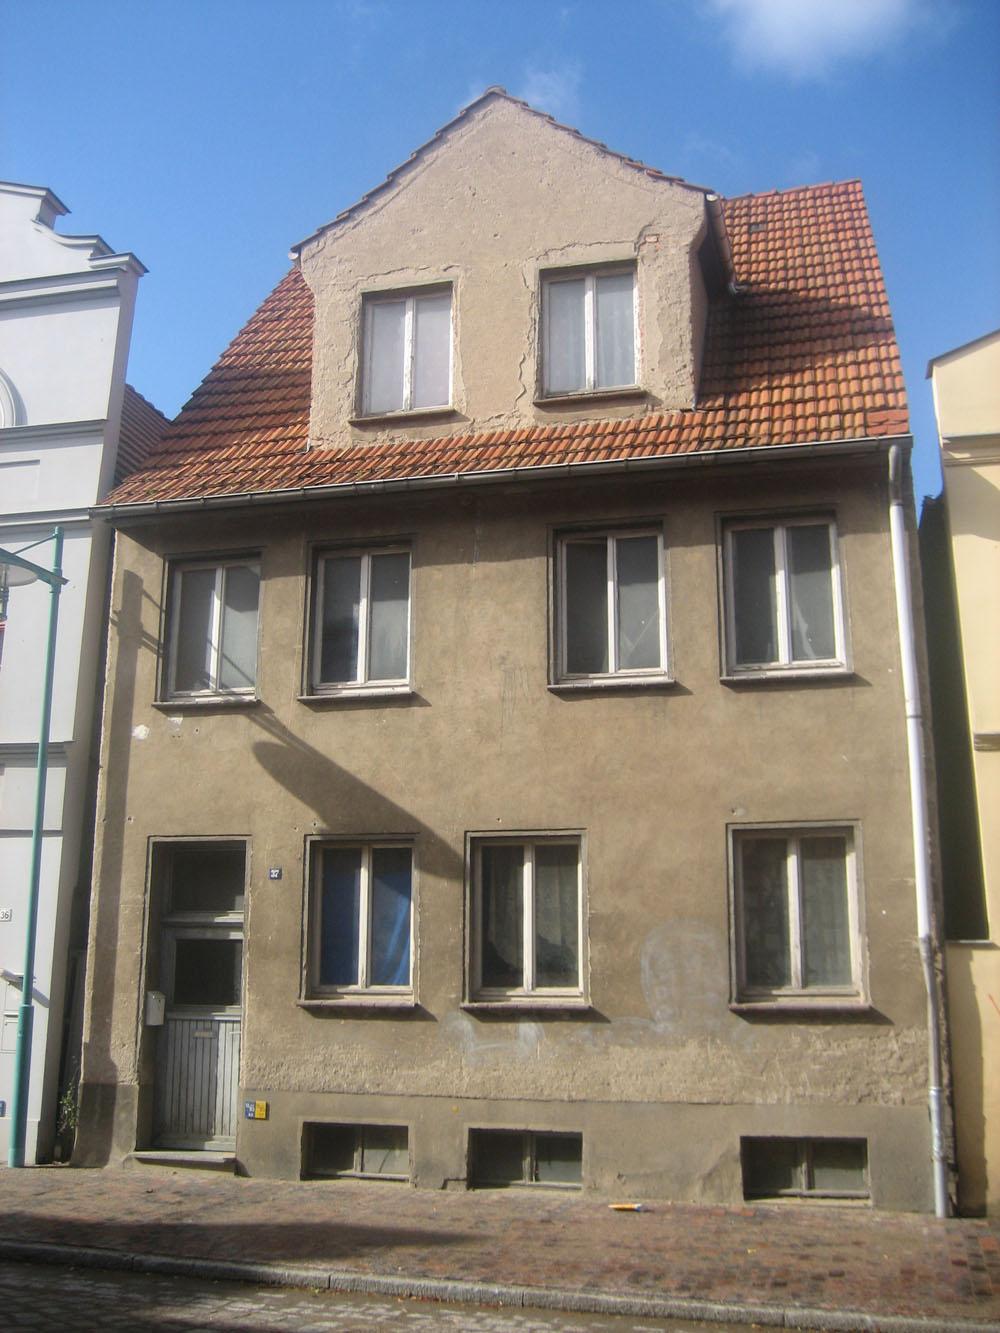 Beeindruckend Welche Fassadenfarbe Passt Zu Braunen Fenstern Foto Von Barlachstadt Güstrow: Bauprojekte Und Stadtplanung [archiv] -